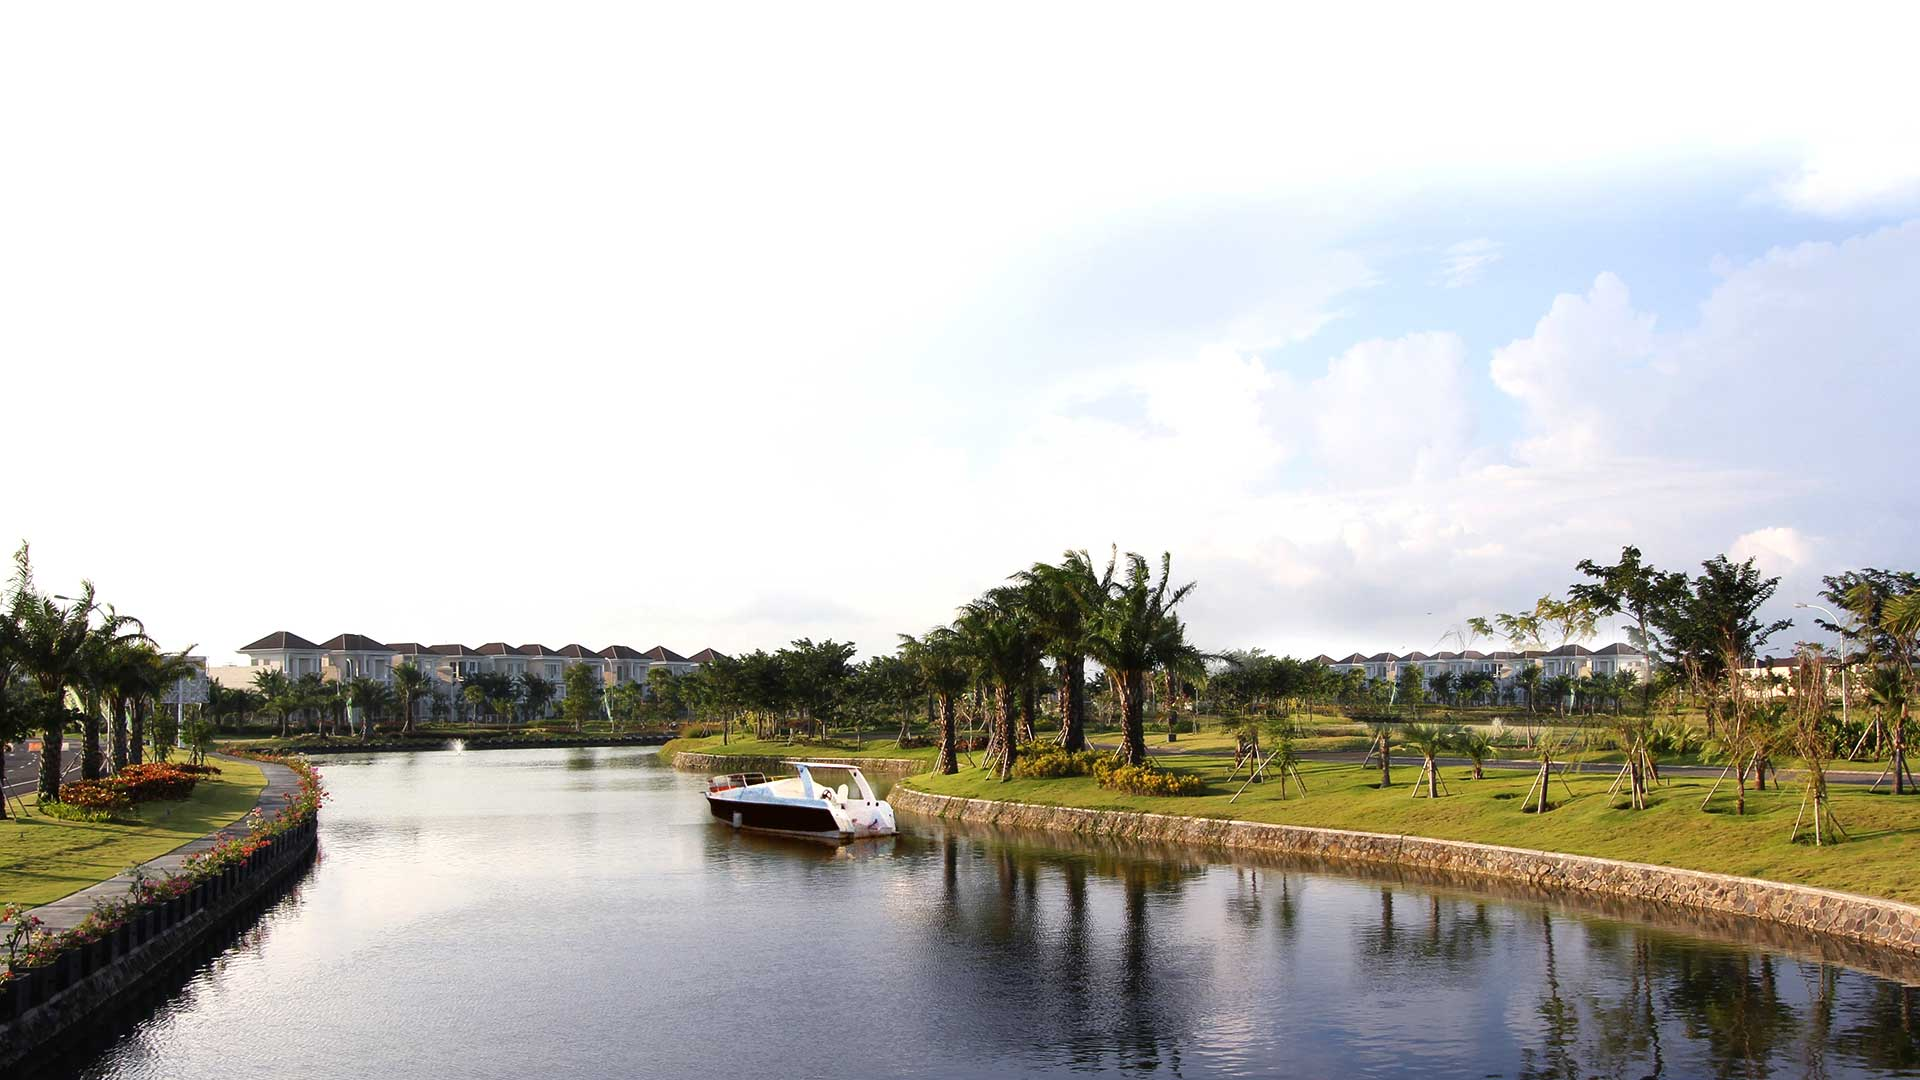 Pakuwon City Environment 06